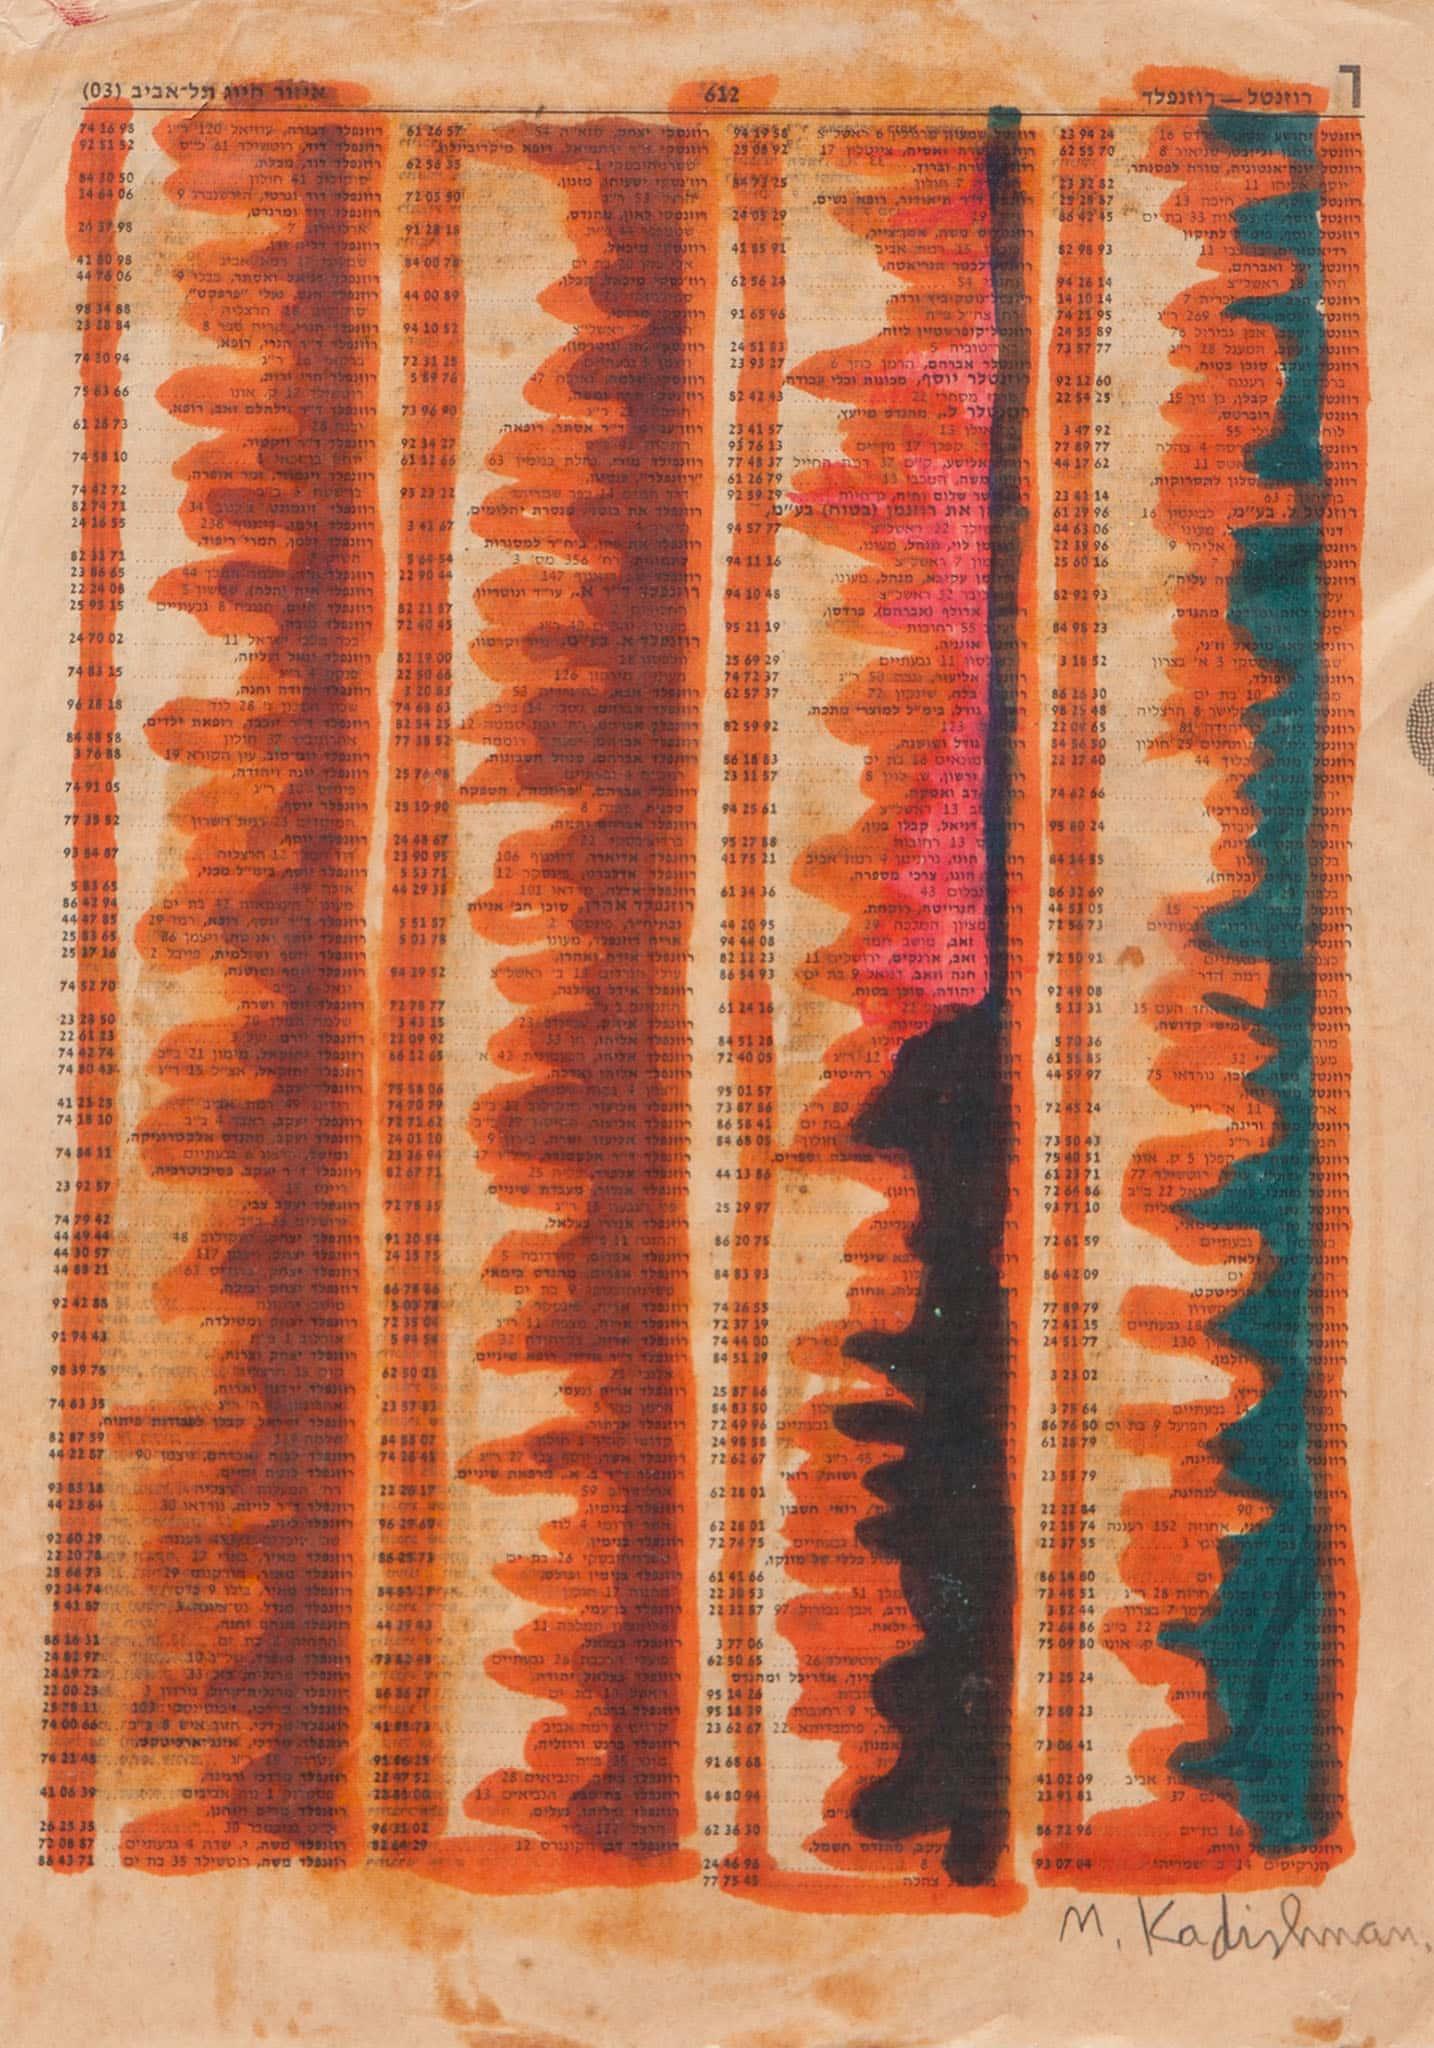 """מנשה קדישמן, """"קרדיוגרמה"""", טושים על נייר, 30x21 ס""""מ"""